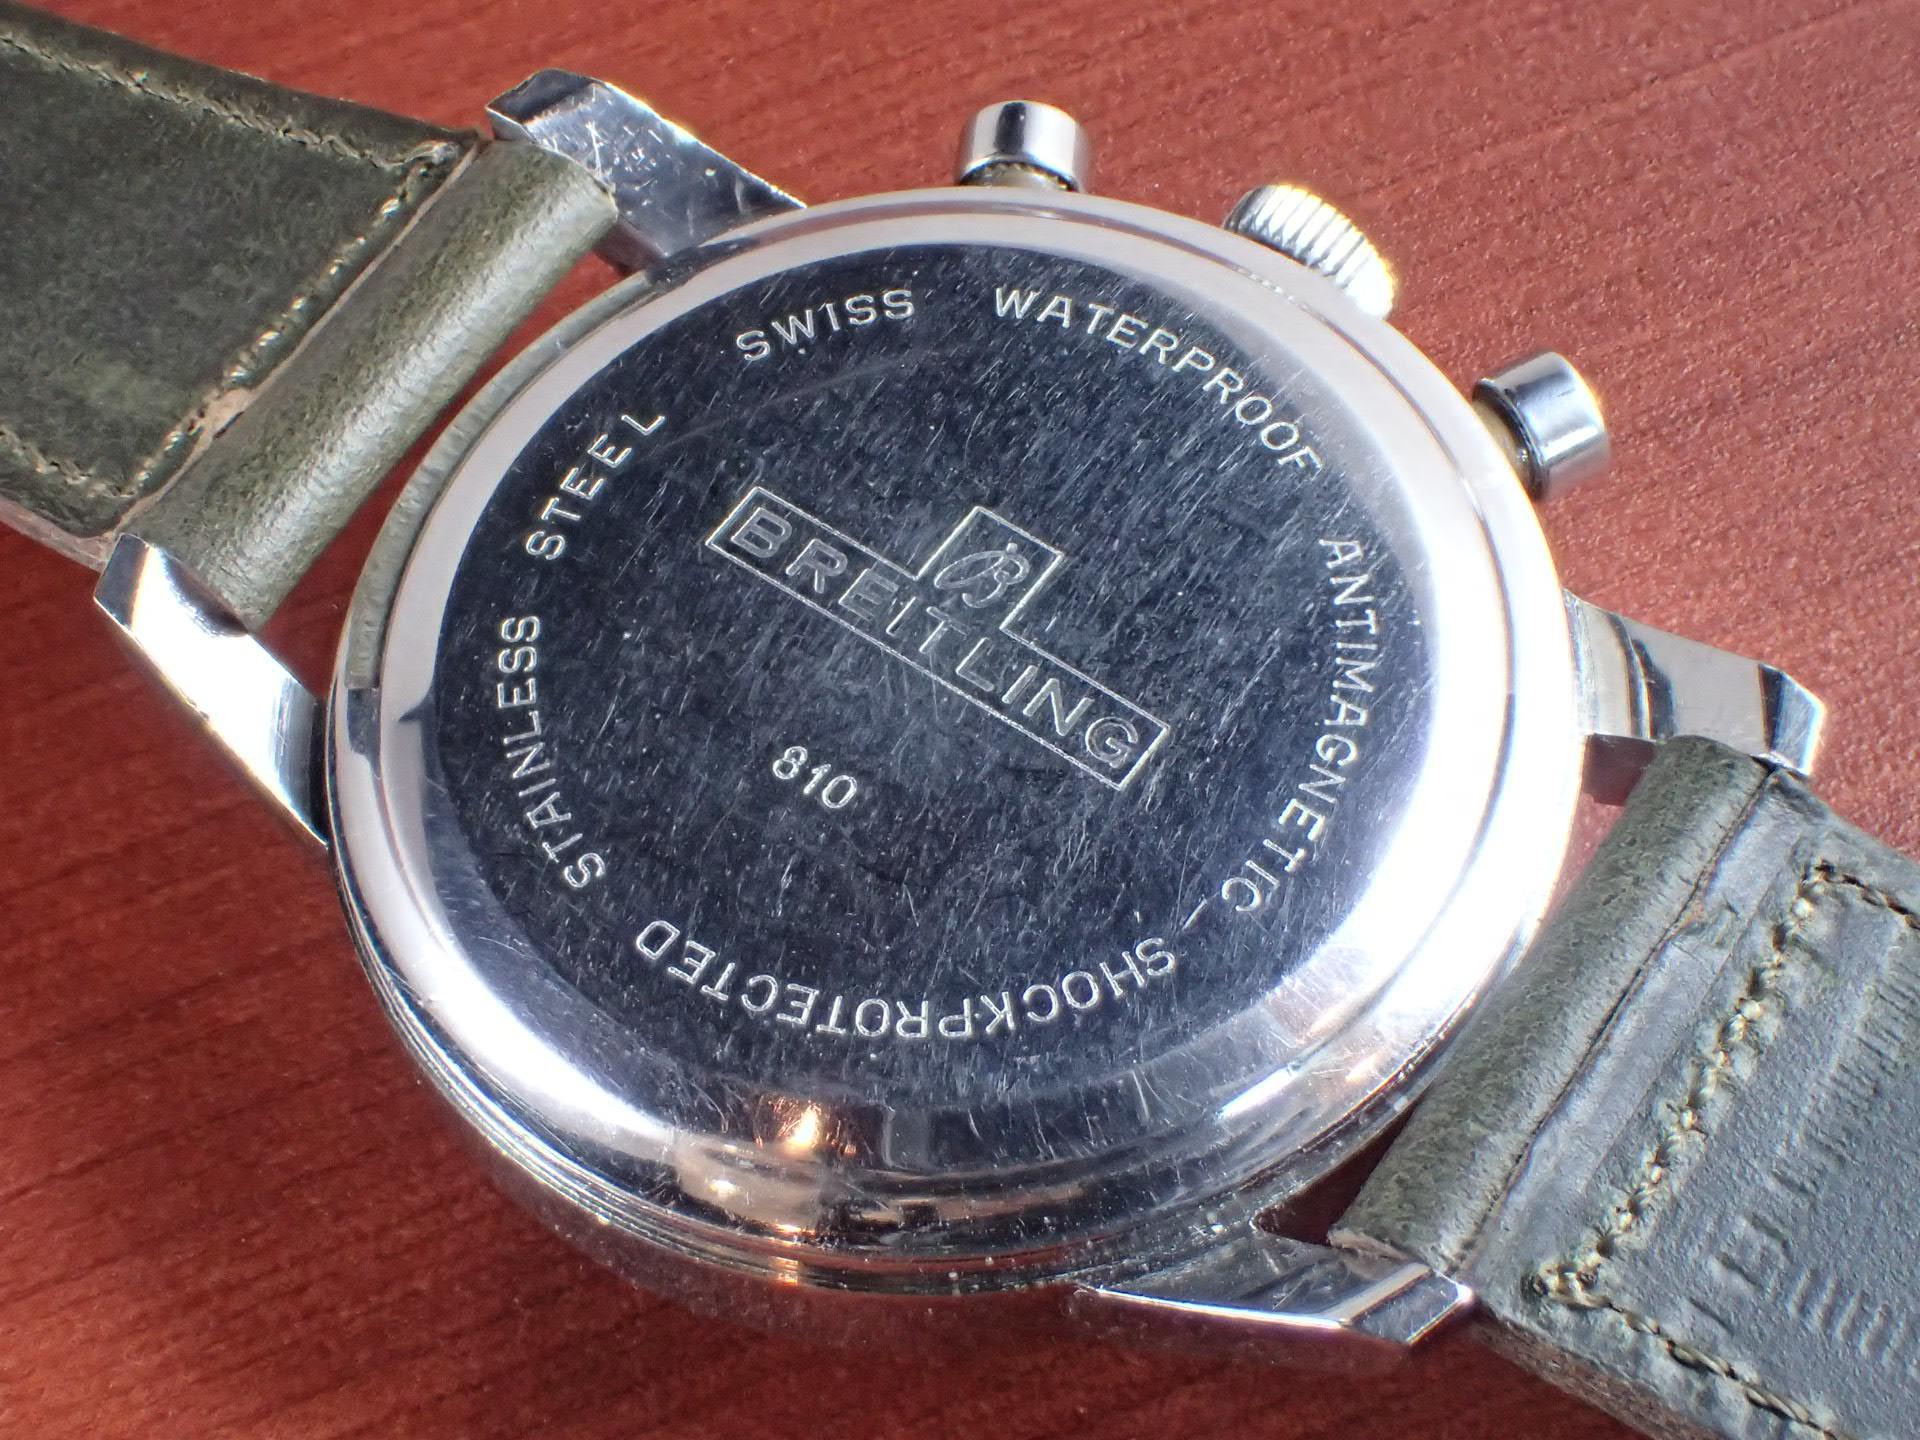 ブライトリング トップタイム Ref.810 Cal.Venus178 1960年代の写真4枚目